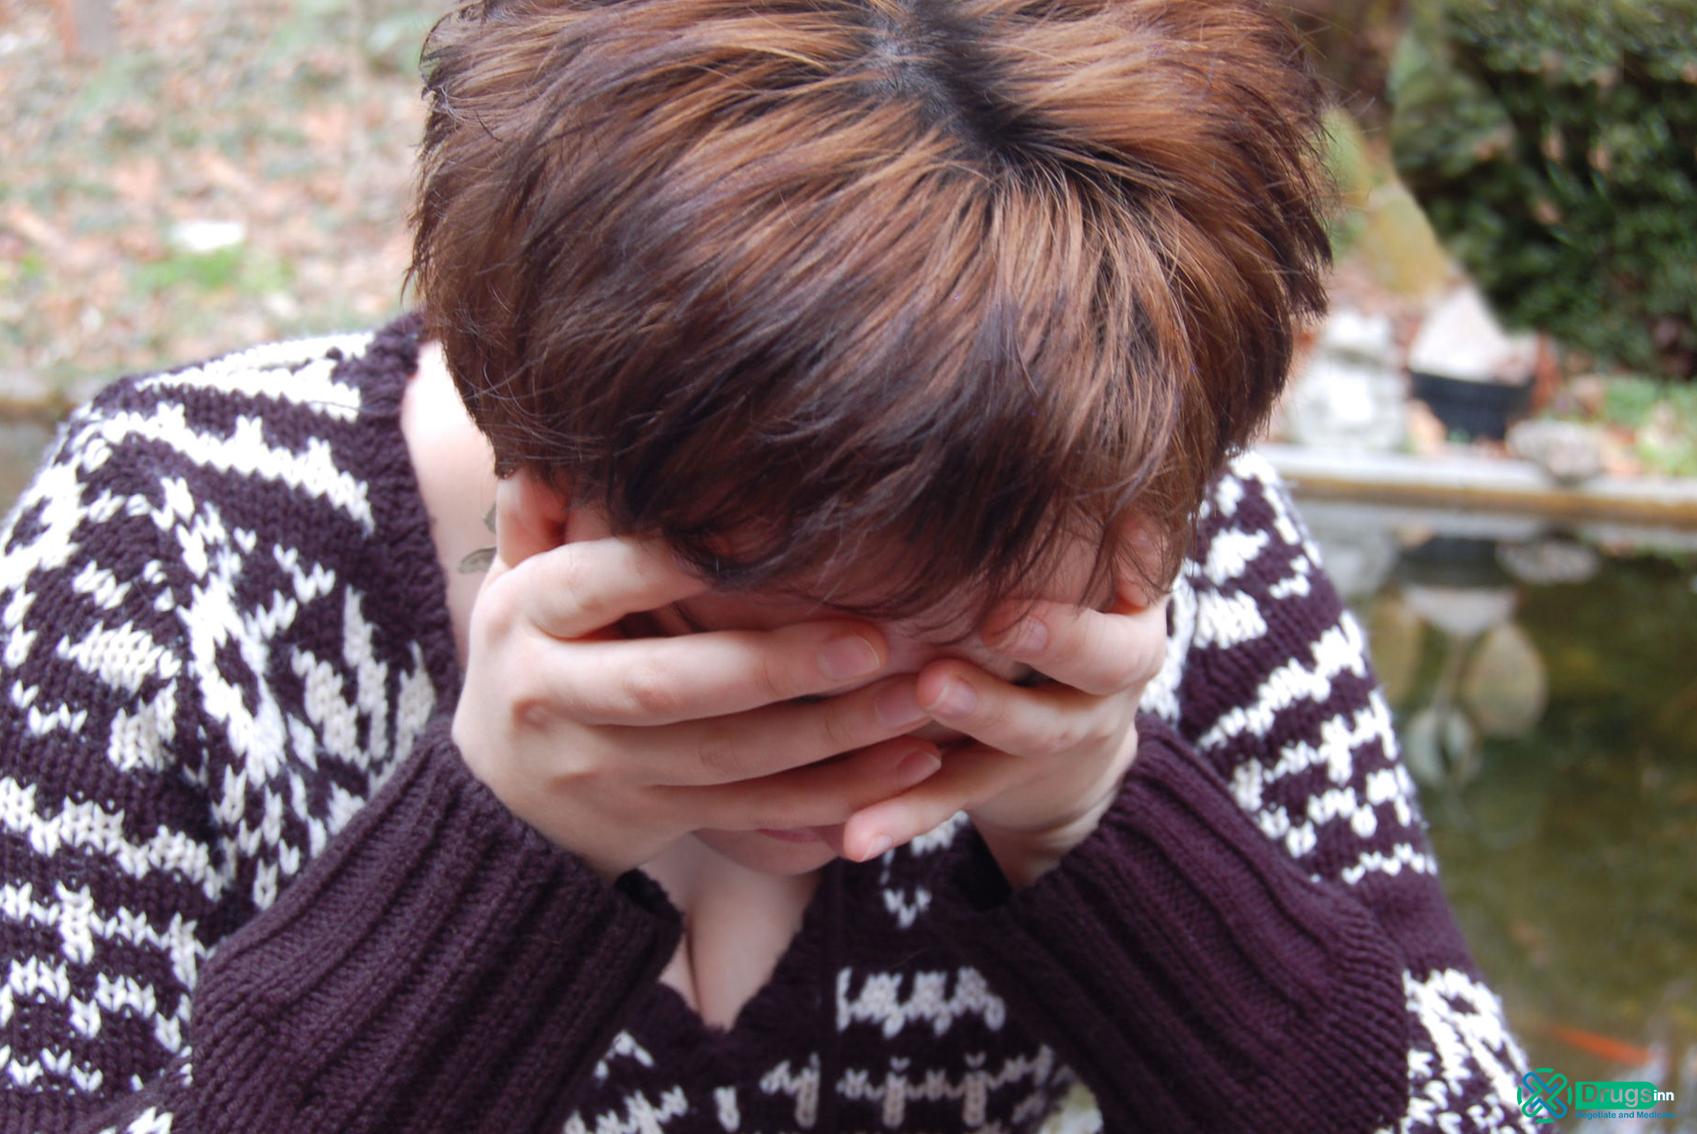 Paranoid Şizofreni'de birey kendi içine kapanabilir.